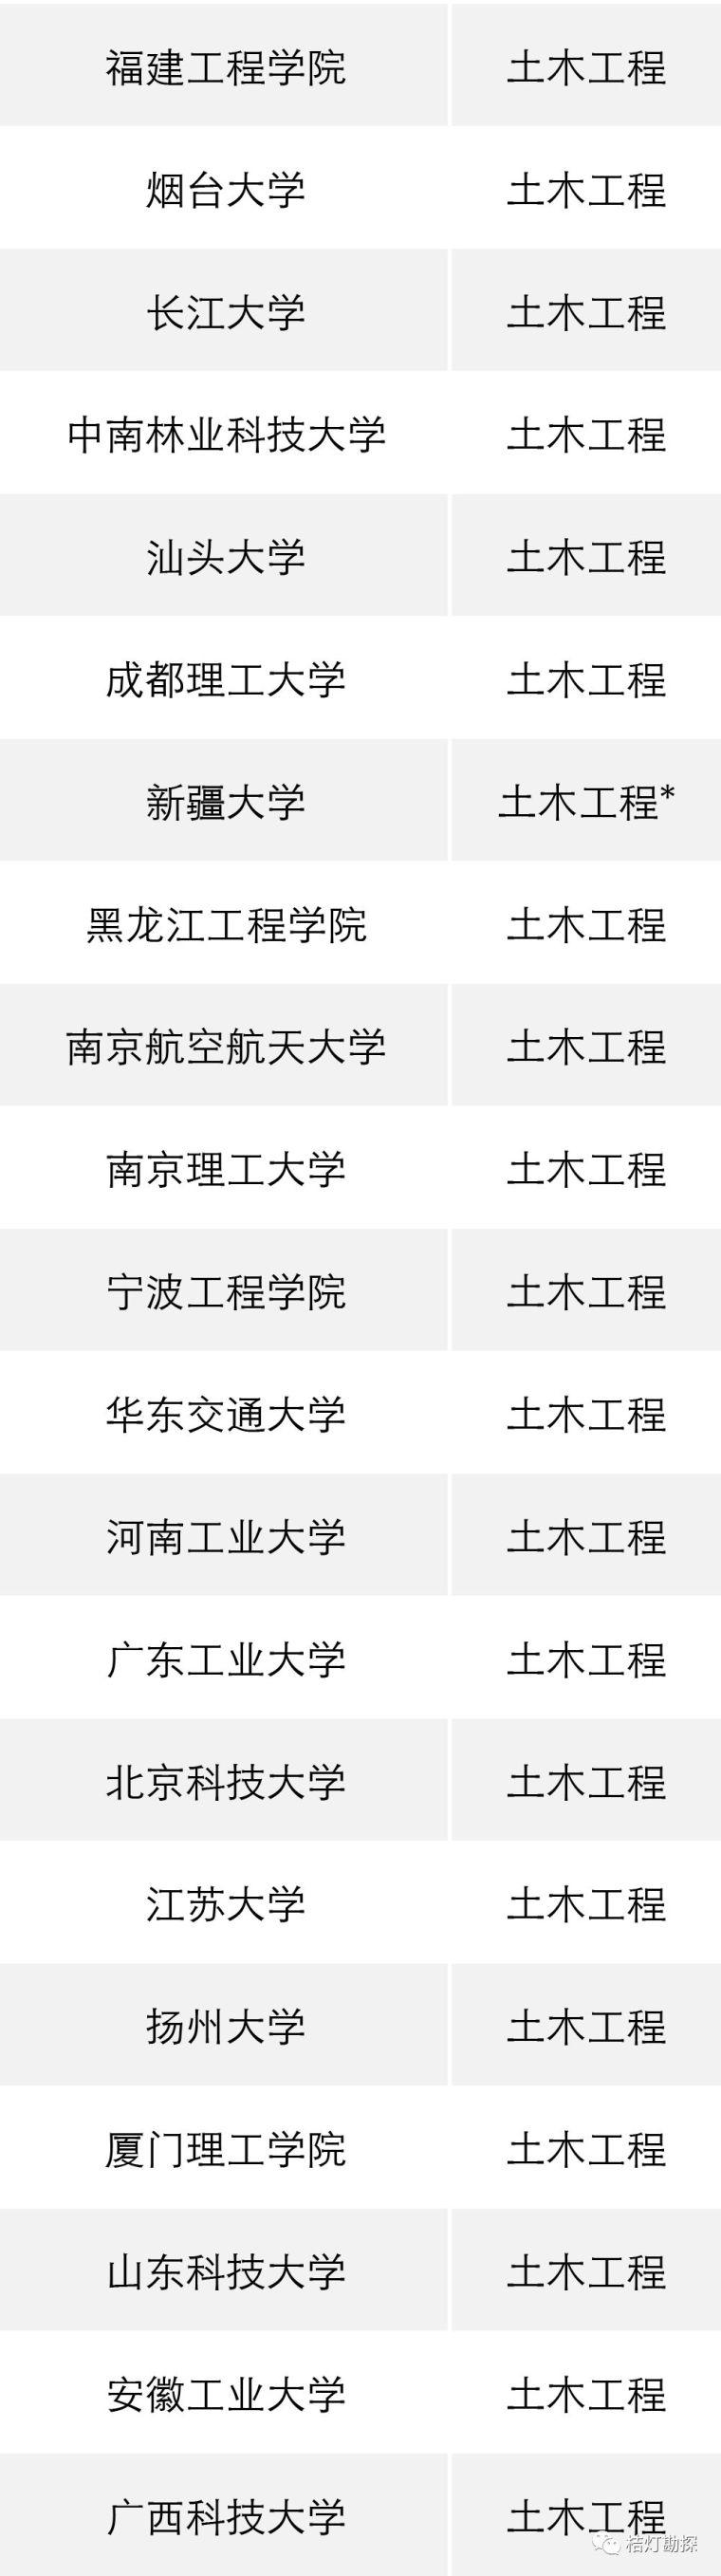 """教育部公布293个地学类工科专业进入全球""""第一方阵""""!_16"""